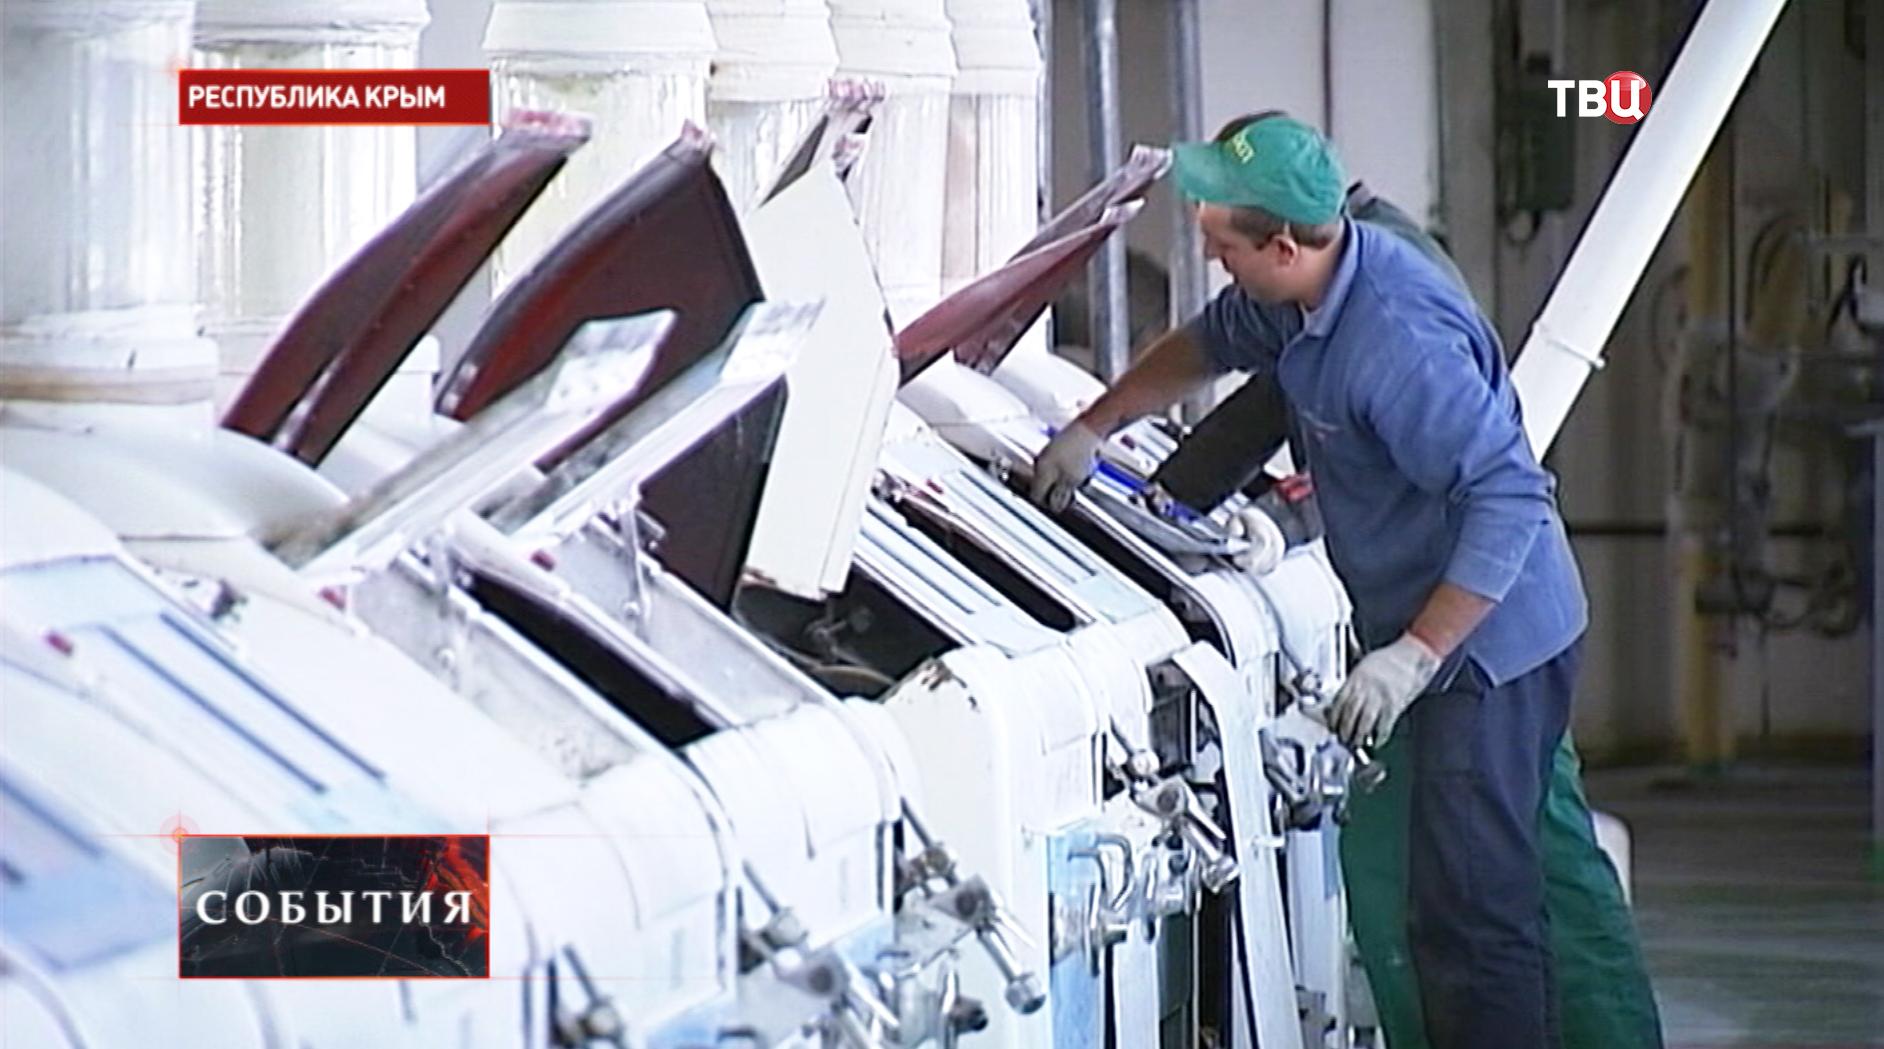 Комбинат хлебопродуктов в Крыму